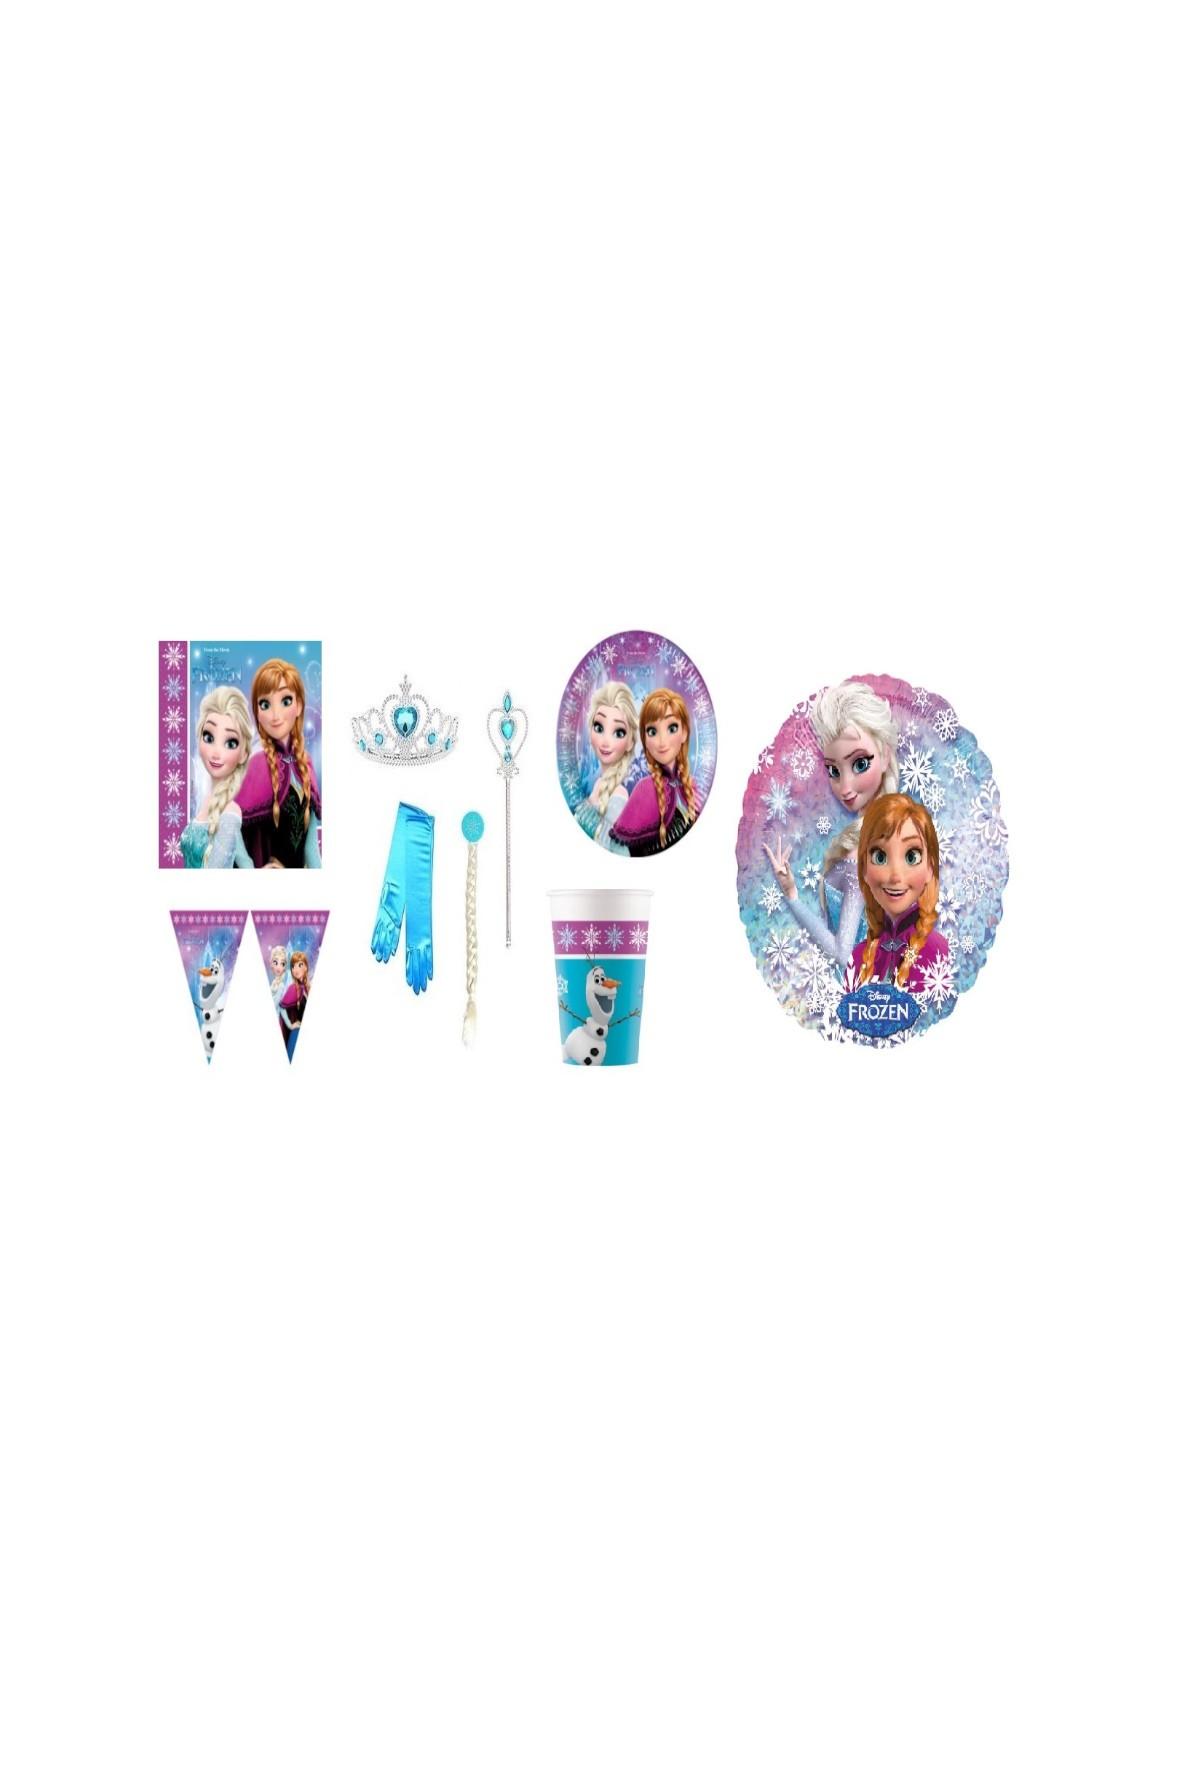 Zestaw urodzinowy Frozen  - 39 elementów